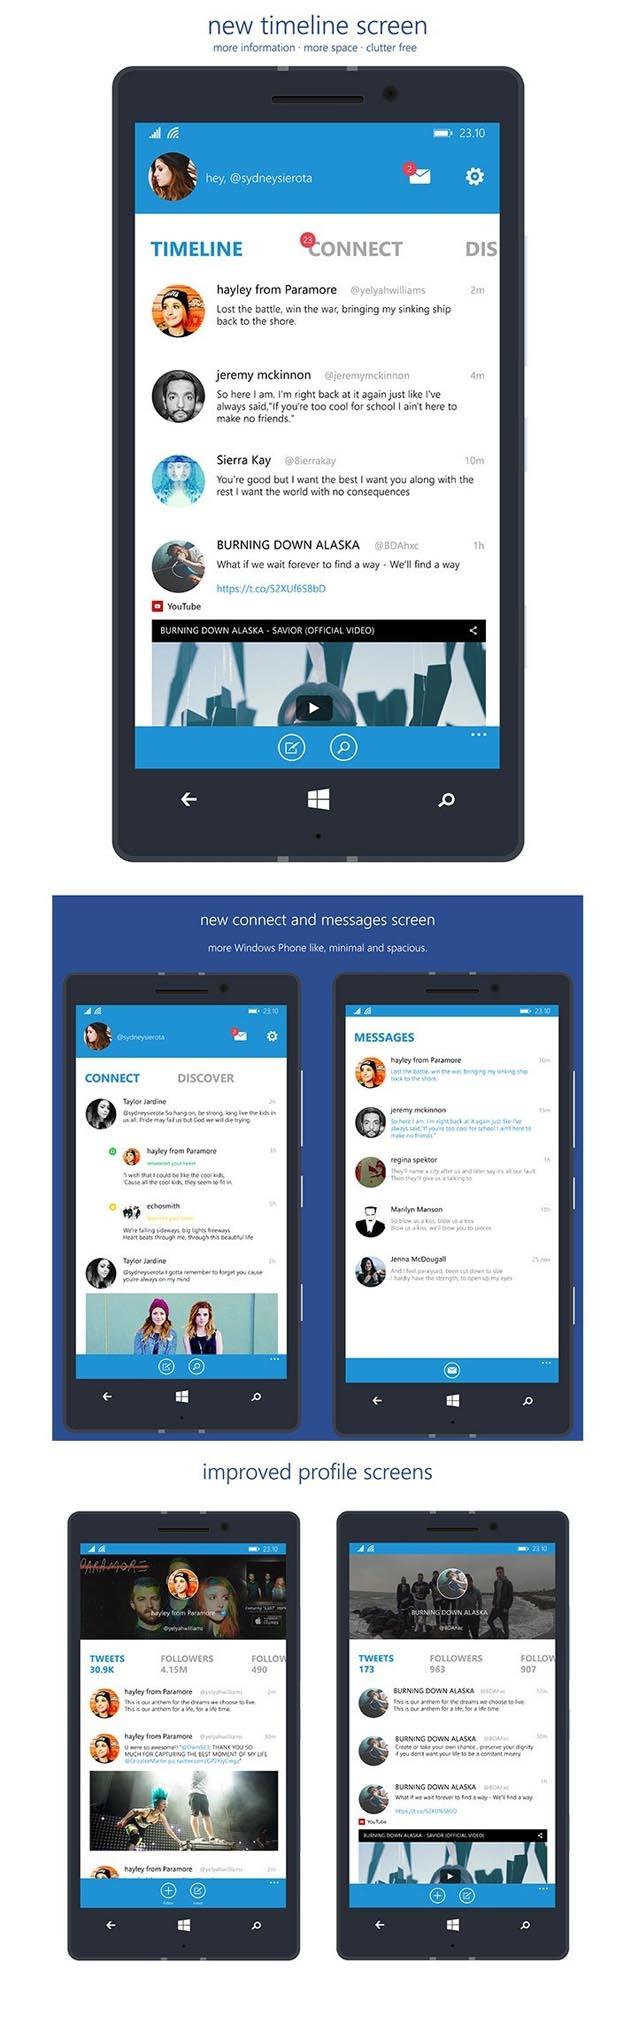 Twitter-for-Windows-Phone-Redesign-luypbm